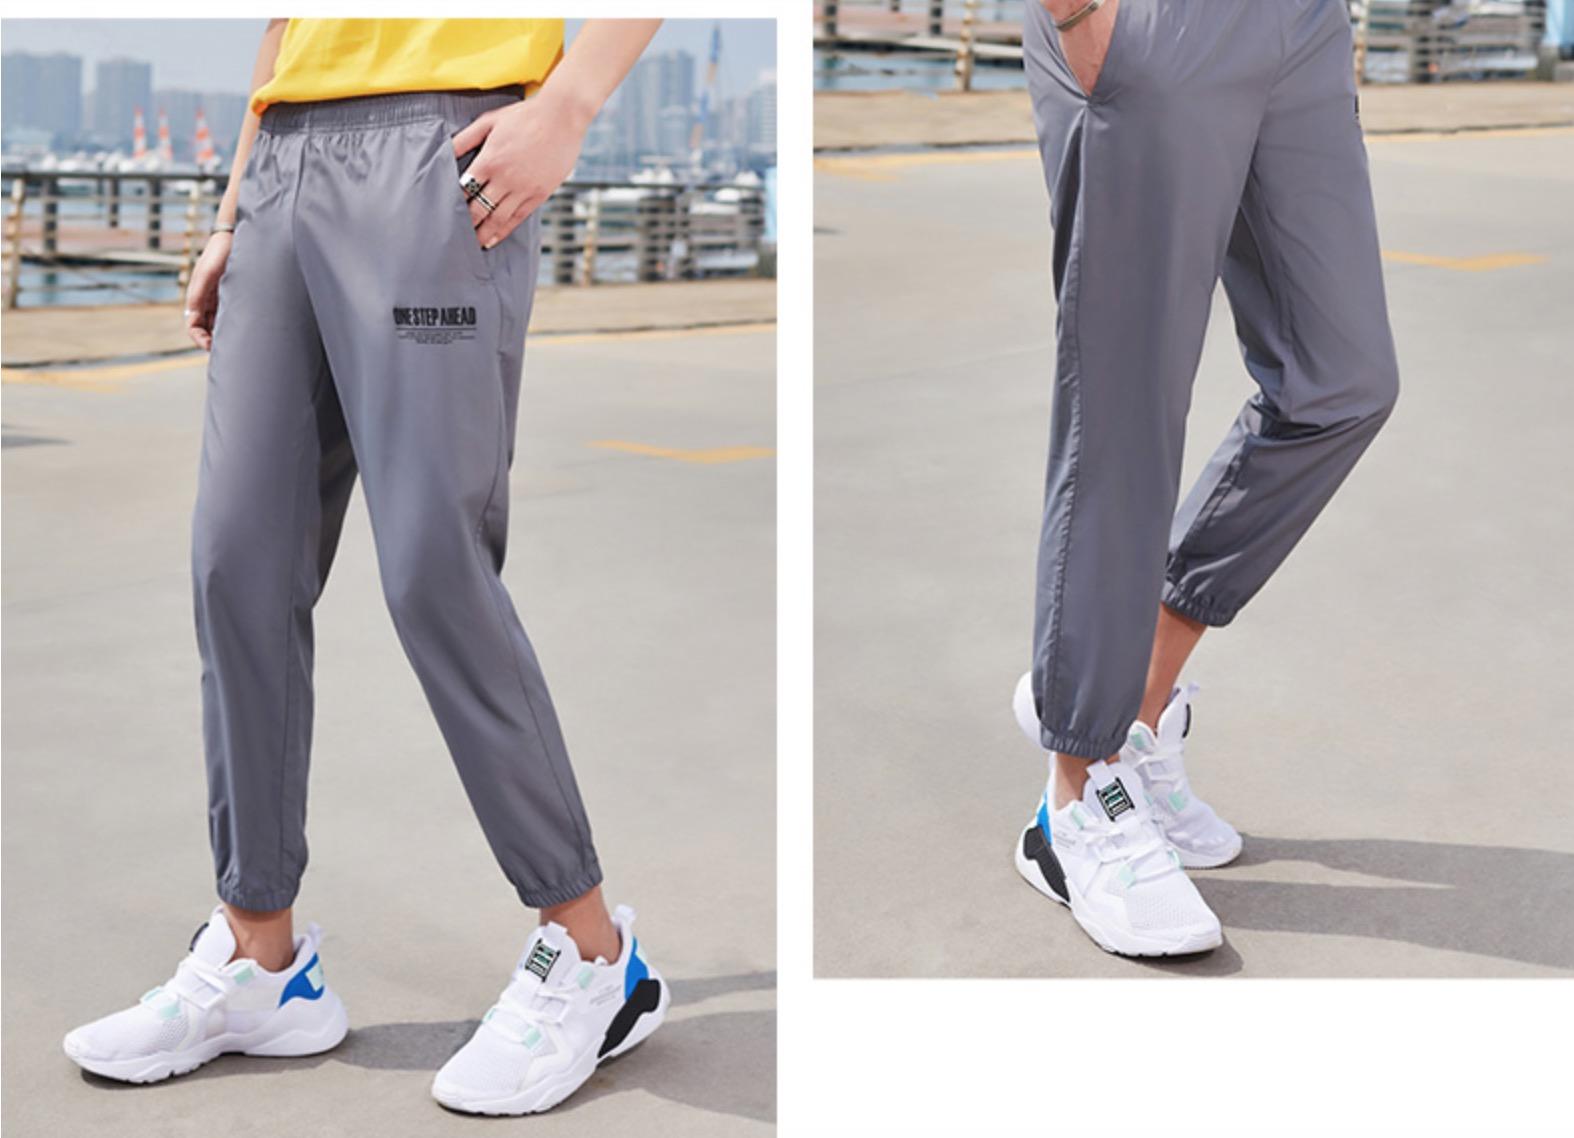 百搭时尚潮流运动裤,穿出阳光型男范